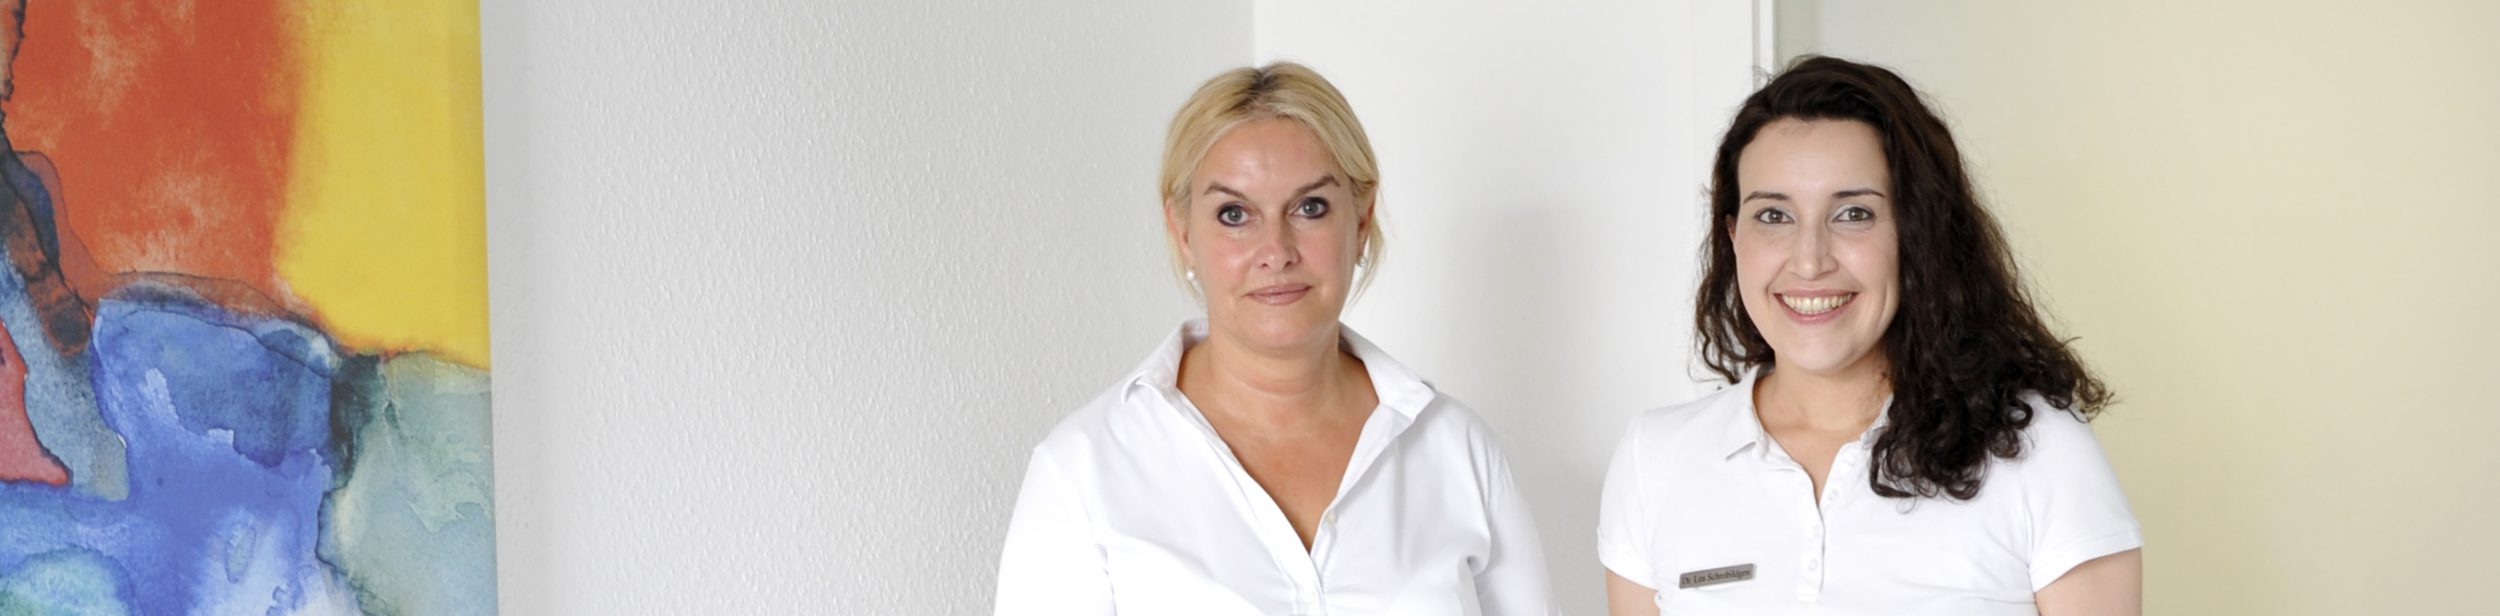 Hautarztpraxis Saarbrücken